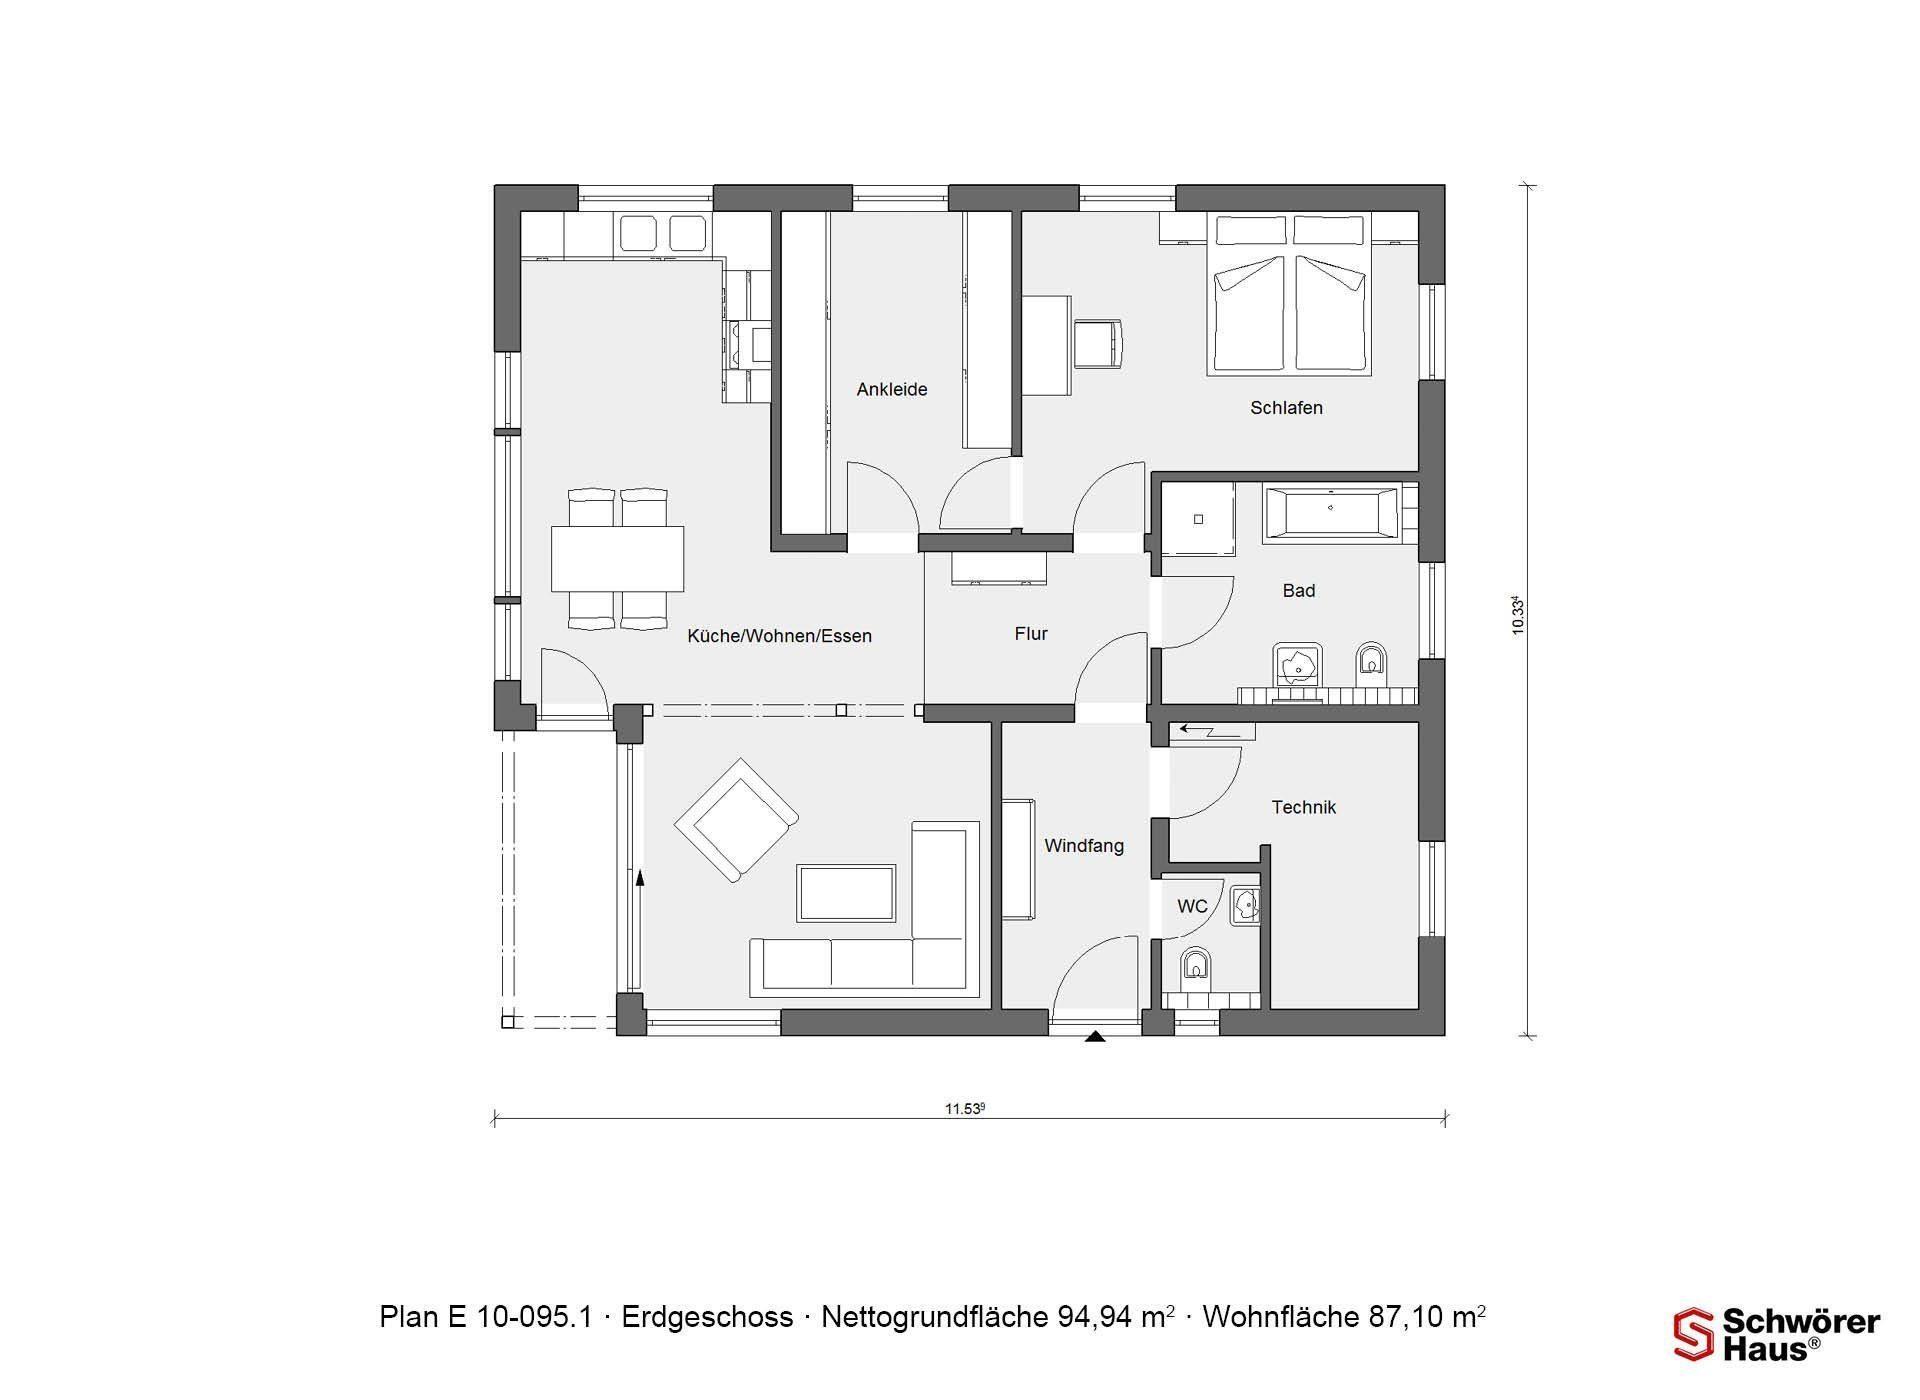 Plan E 10-087.1 - Eine Nahaufnahme einer Uhr - Gebäudeplan